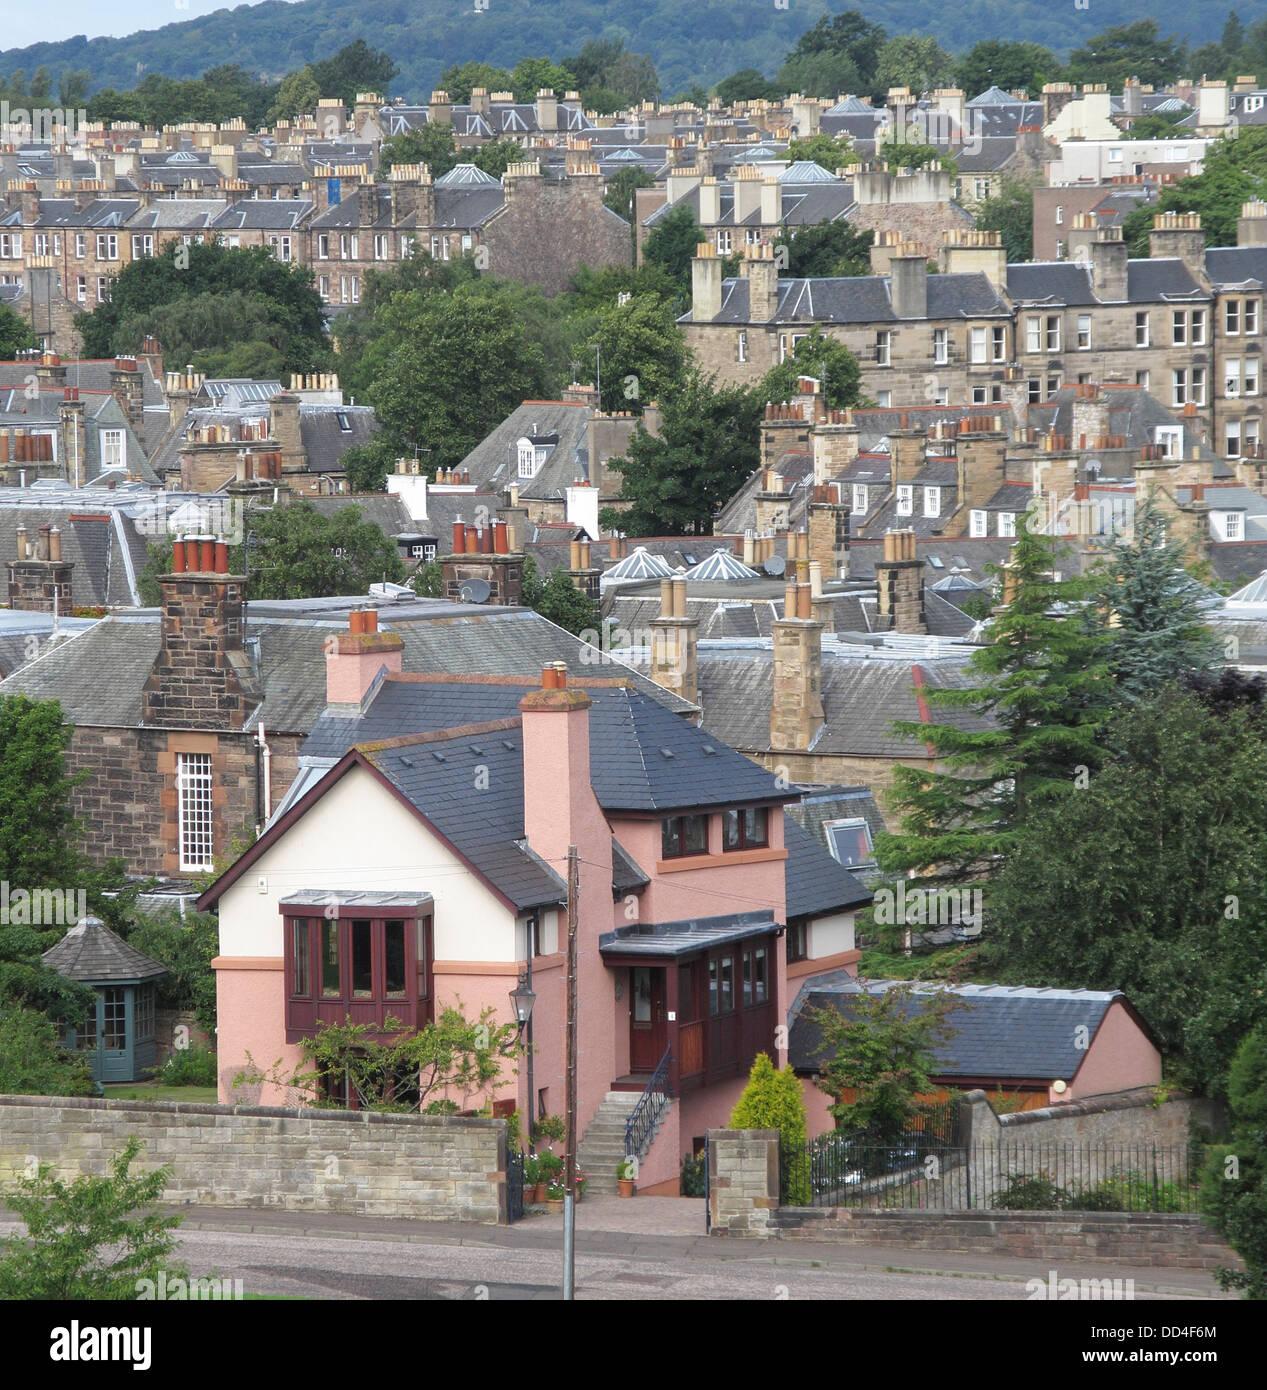 Morningside Suburb of Edinburgh, Scotland, UK - Stock Image